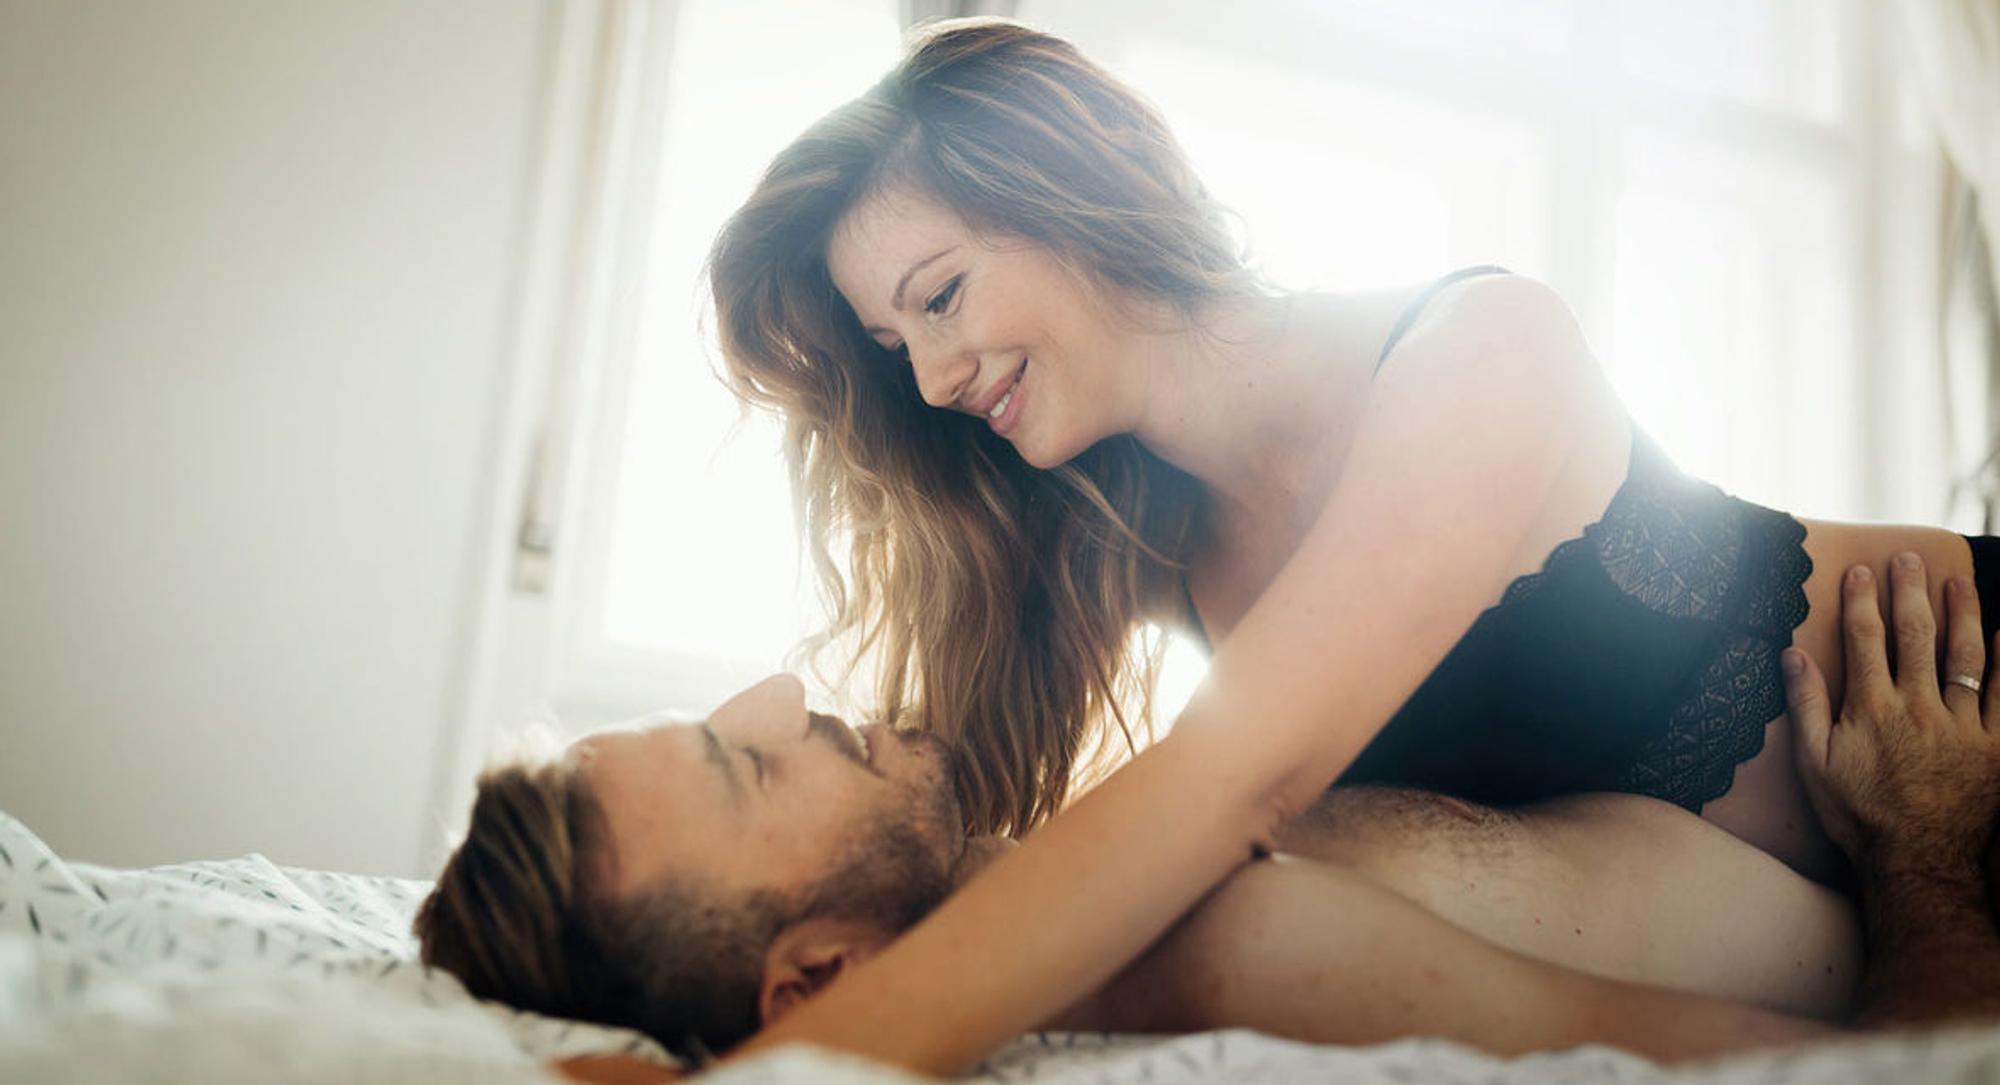 Wann hat man den besten Sex?